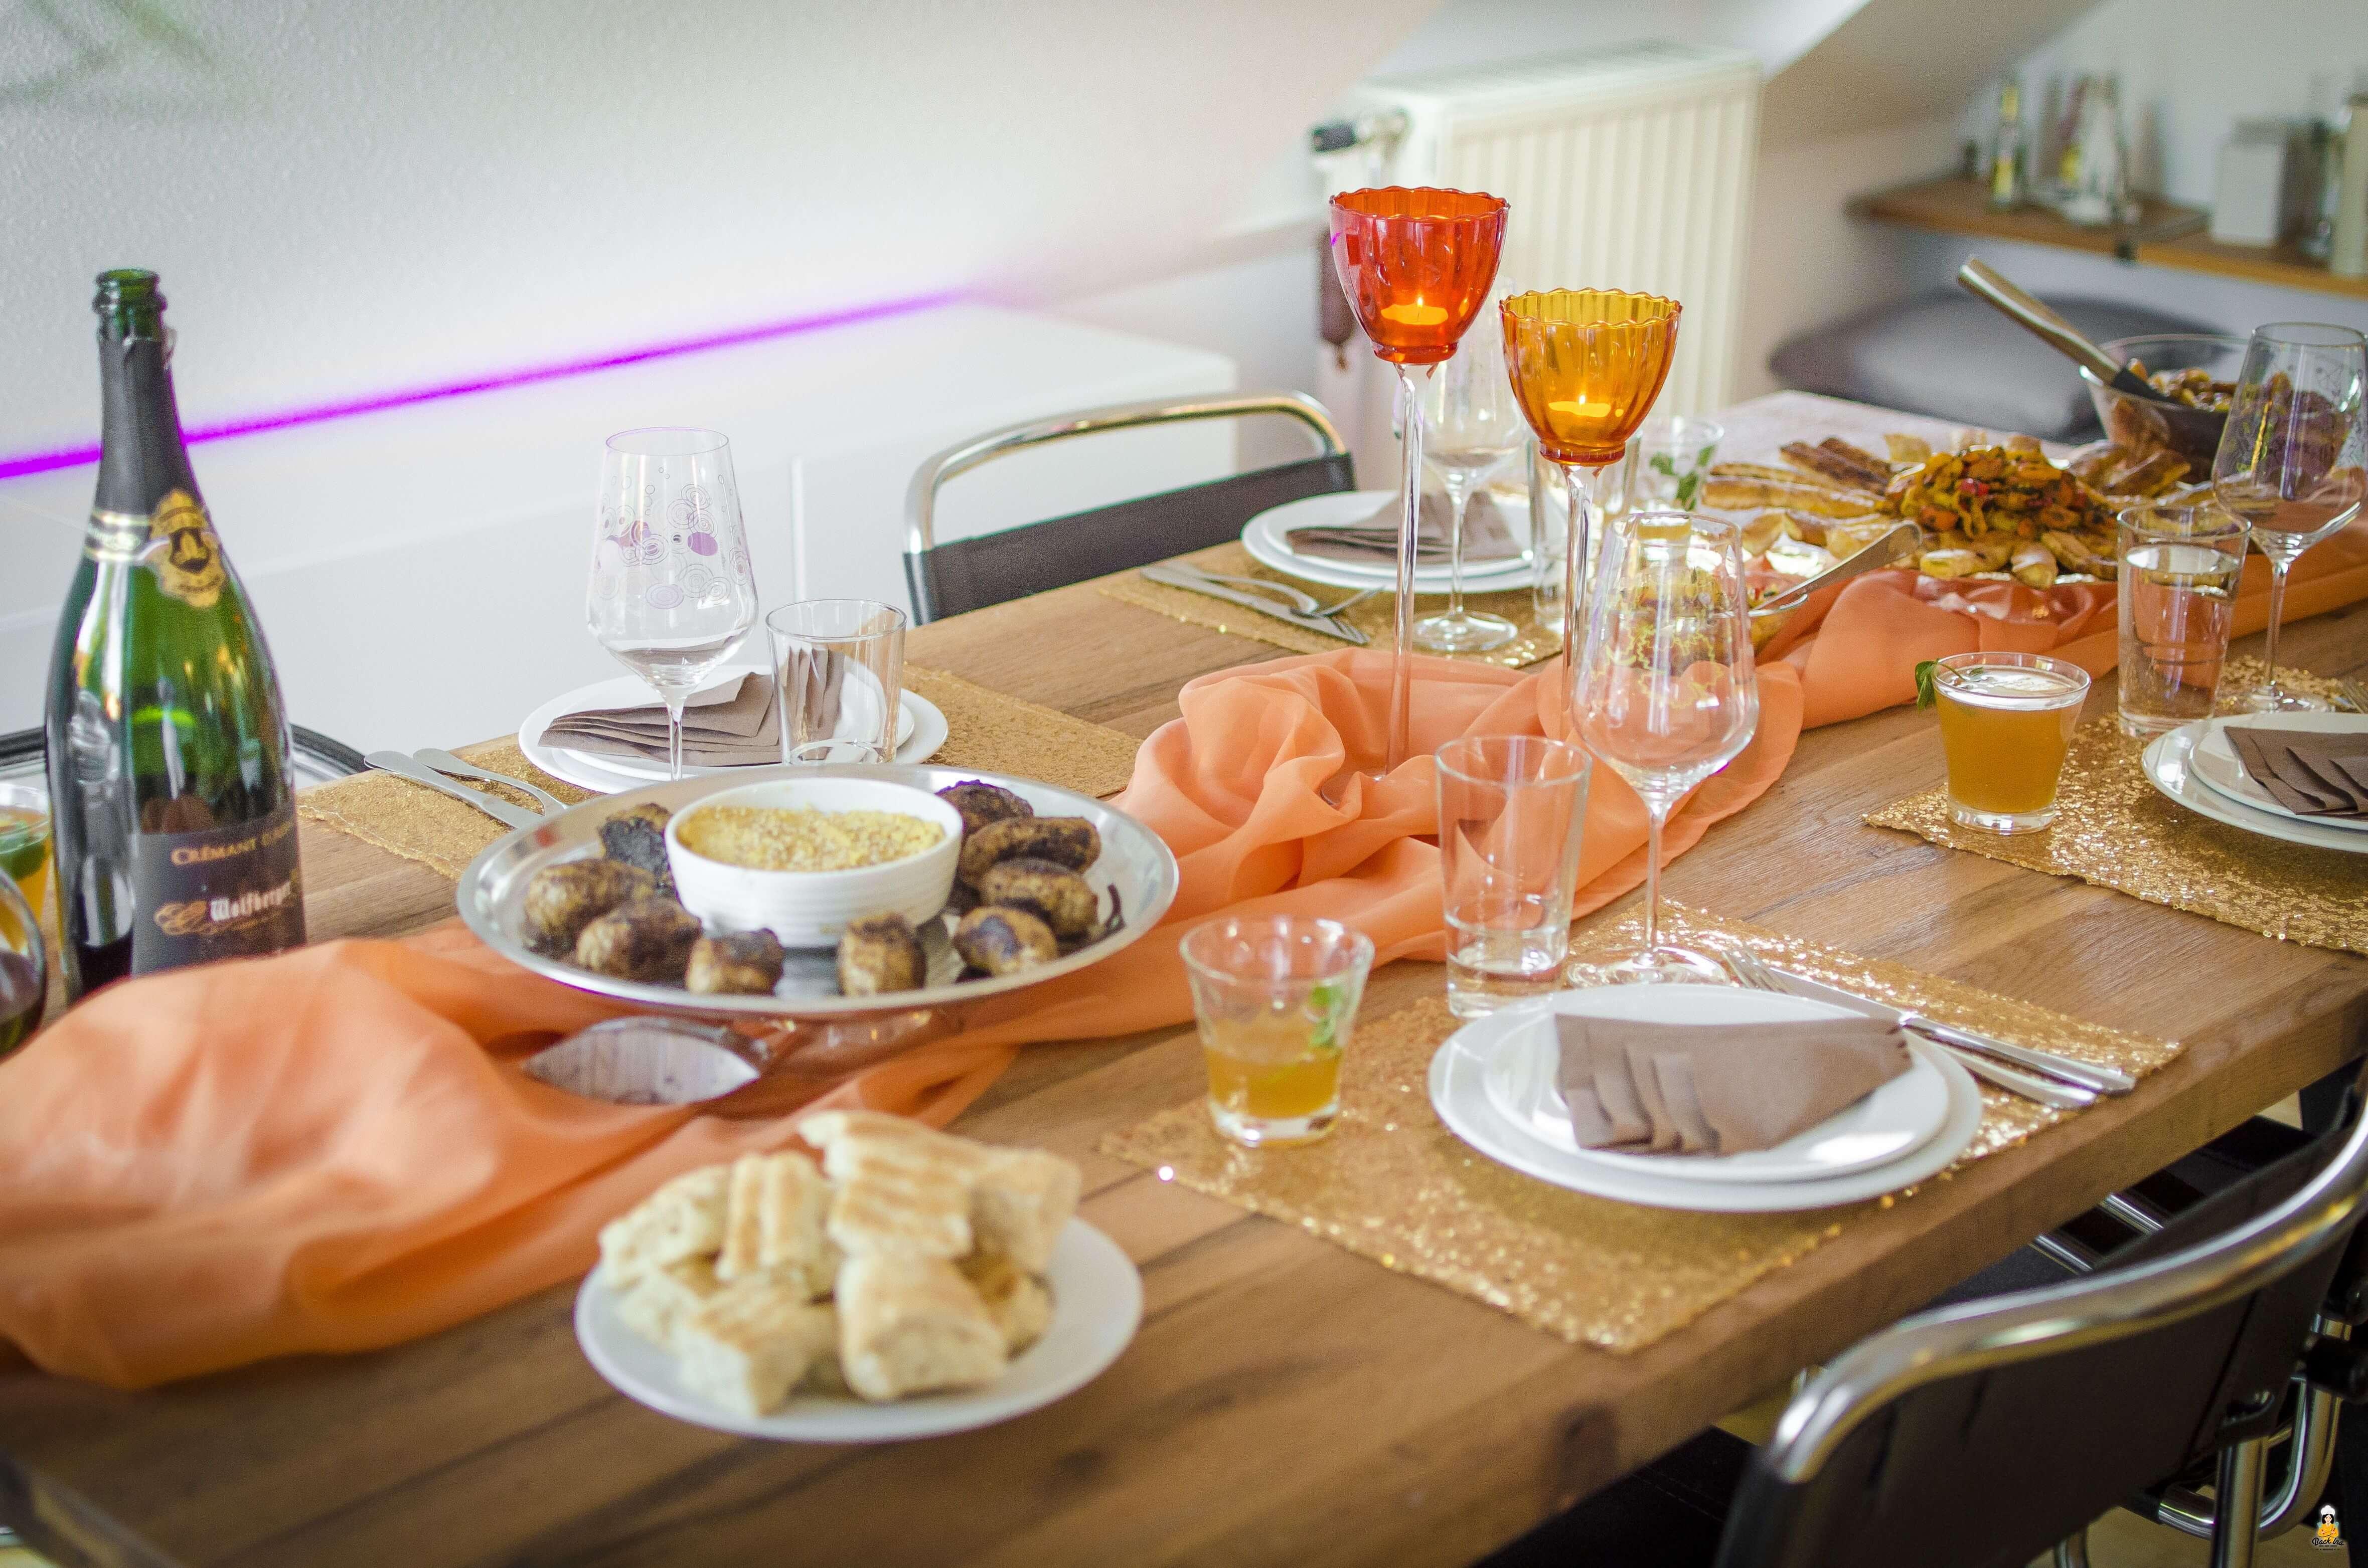 Orientalischer abend zu hause rezepte und deko for Deko zu hause